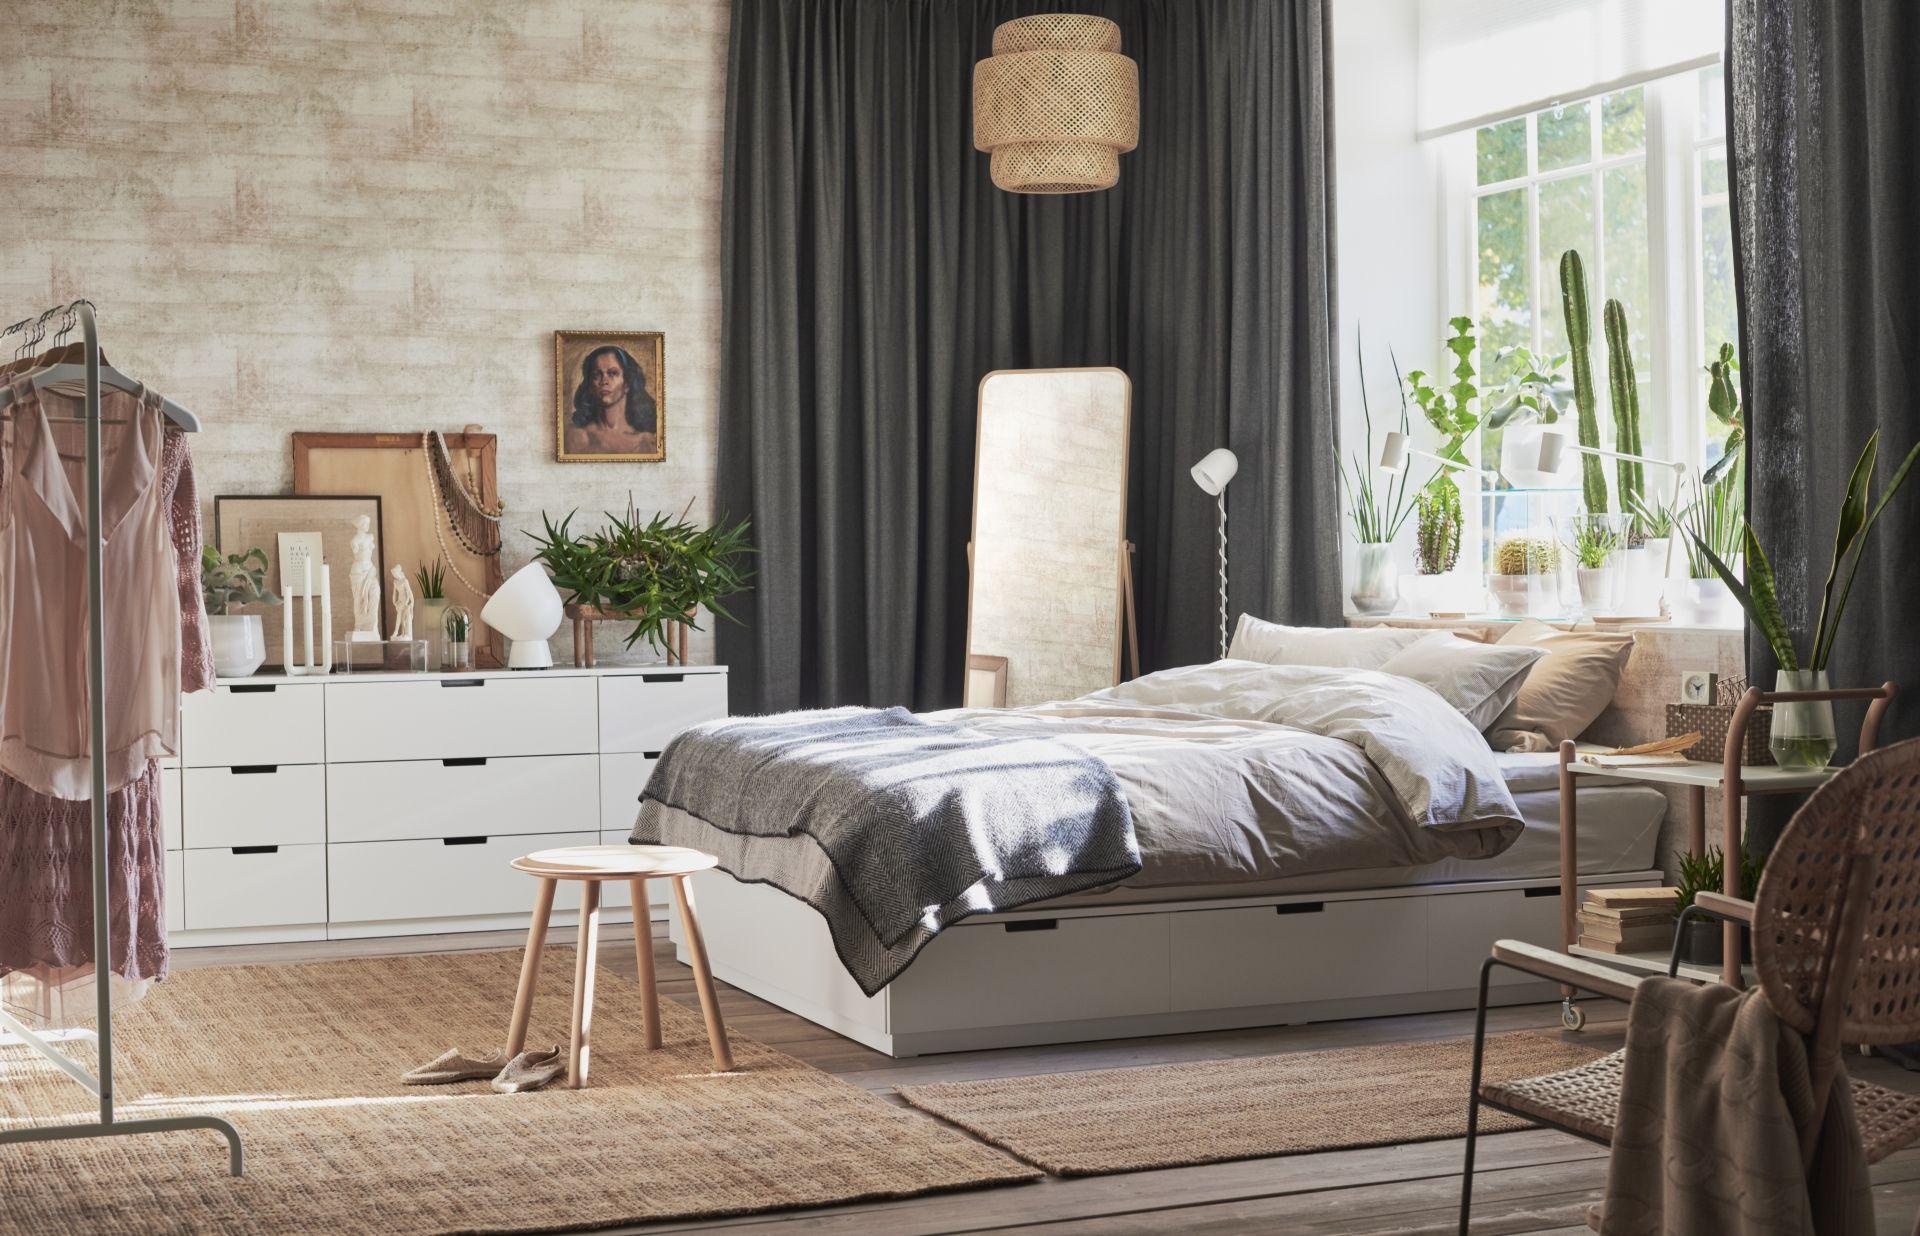 Hanglamp Slaapkamer Wit : Nordli bedframe met opberglades wit ikea bedroom ikea